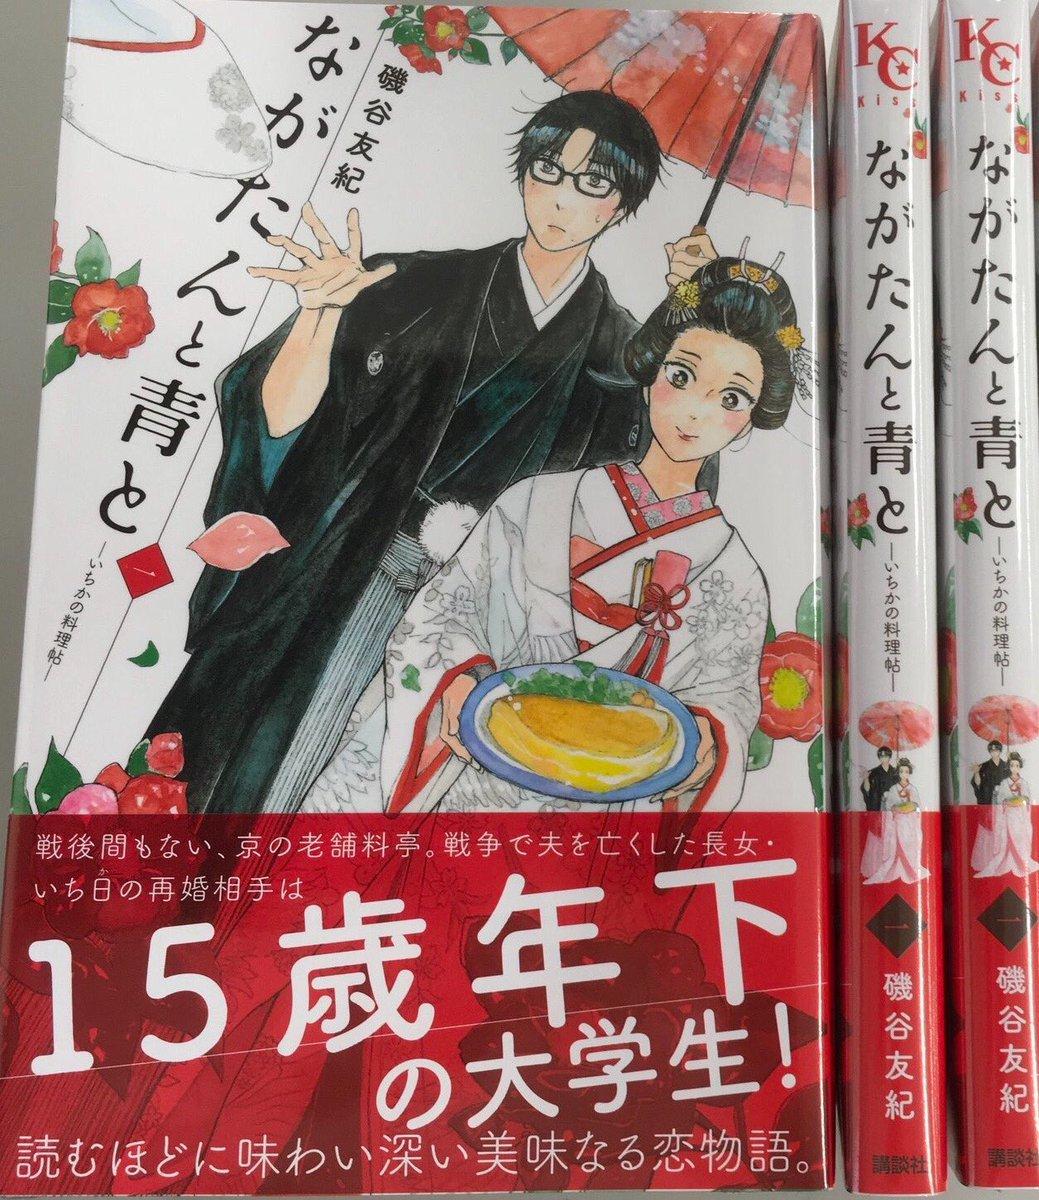 【お知らせ】明後日7/13に「ながたんと青と」1巻が発売になります! 久々の新作です。戦後の京都、年の差婚、老舗料亭って感じのお話です。よろしくお願いいたします〜